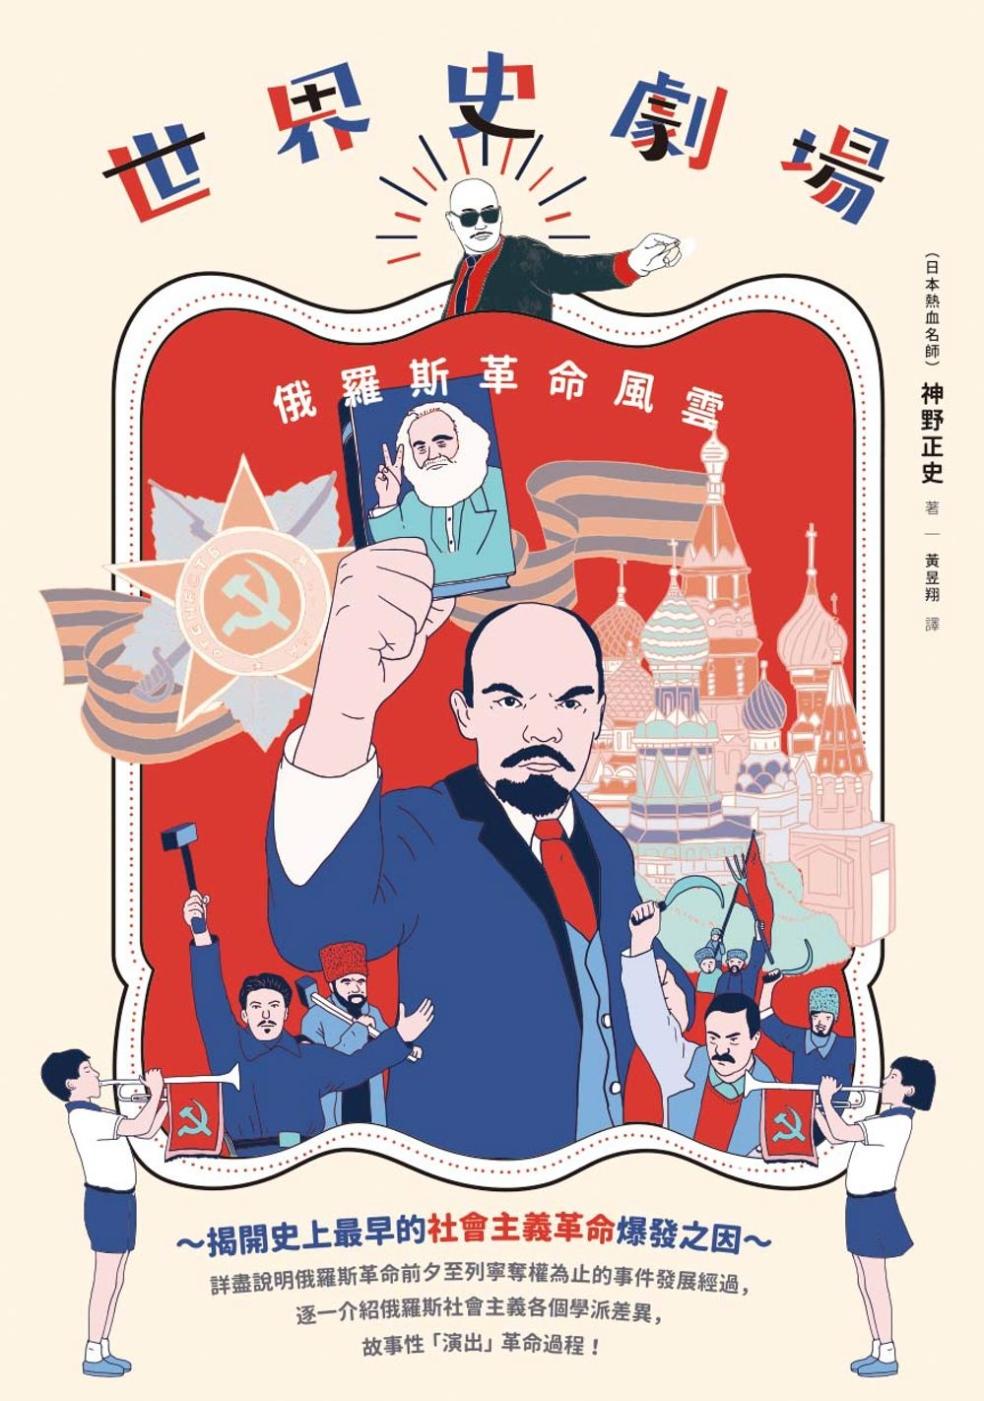 世界史劇場:俄羅斯革命風雲